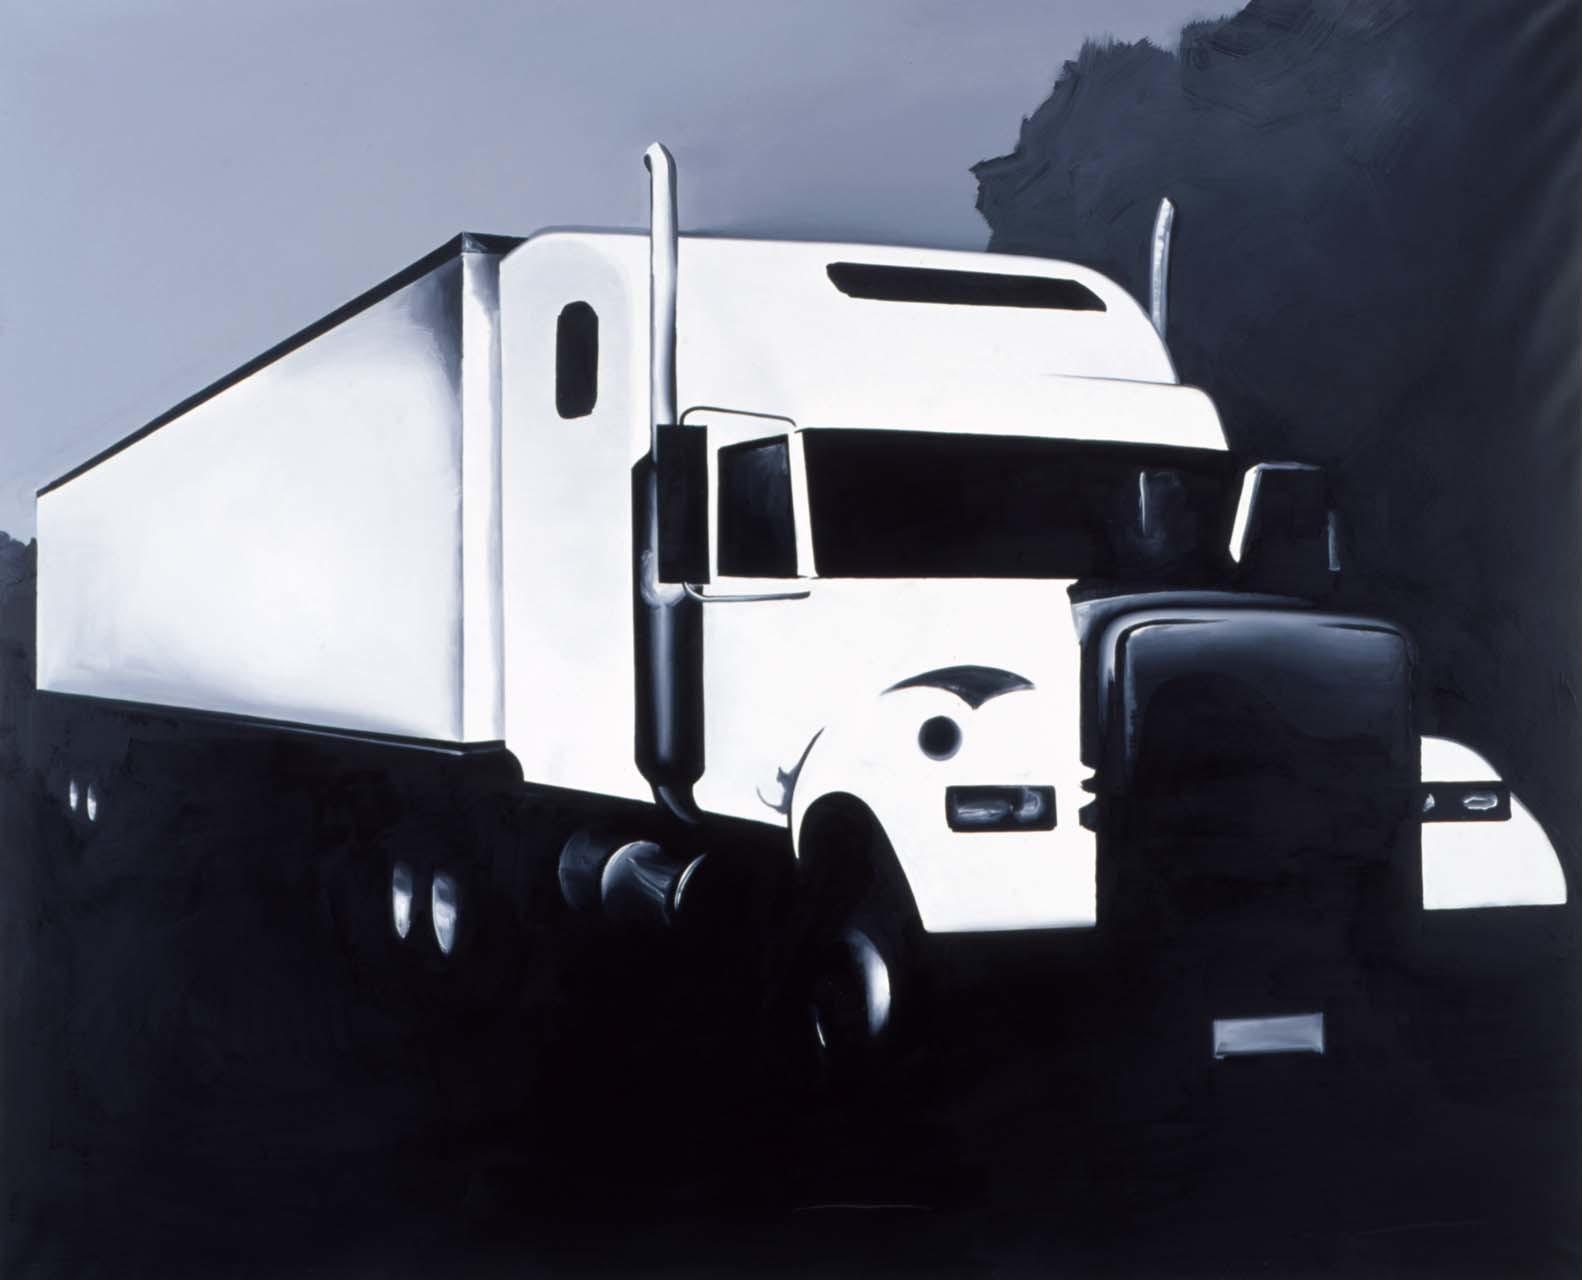 """<div class=""""artwork_caption""""><p>untitled (a cargo), 2008</p></div>"""